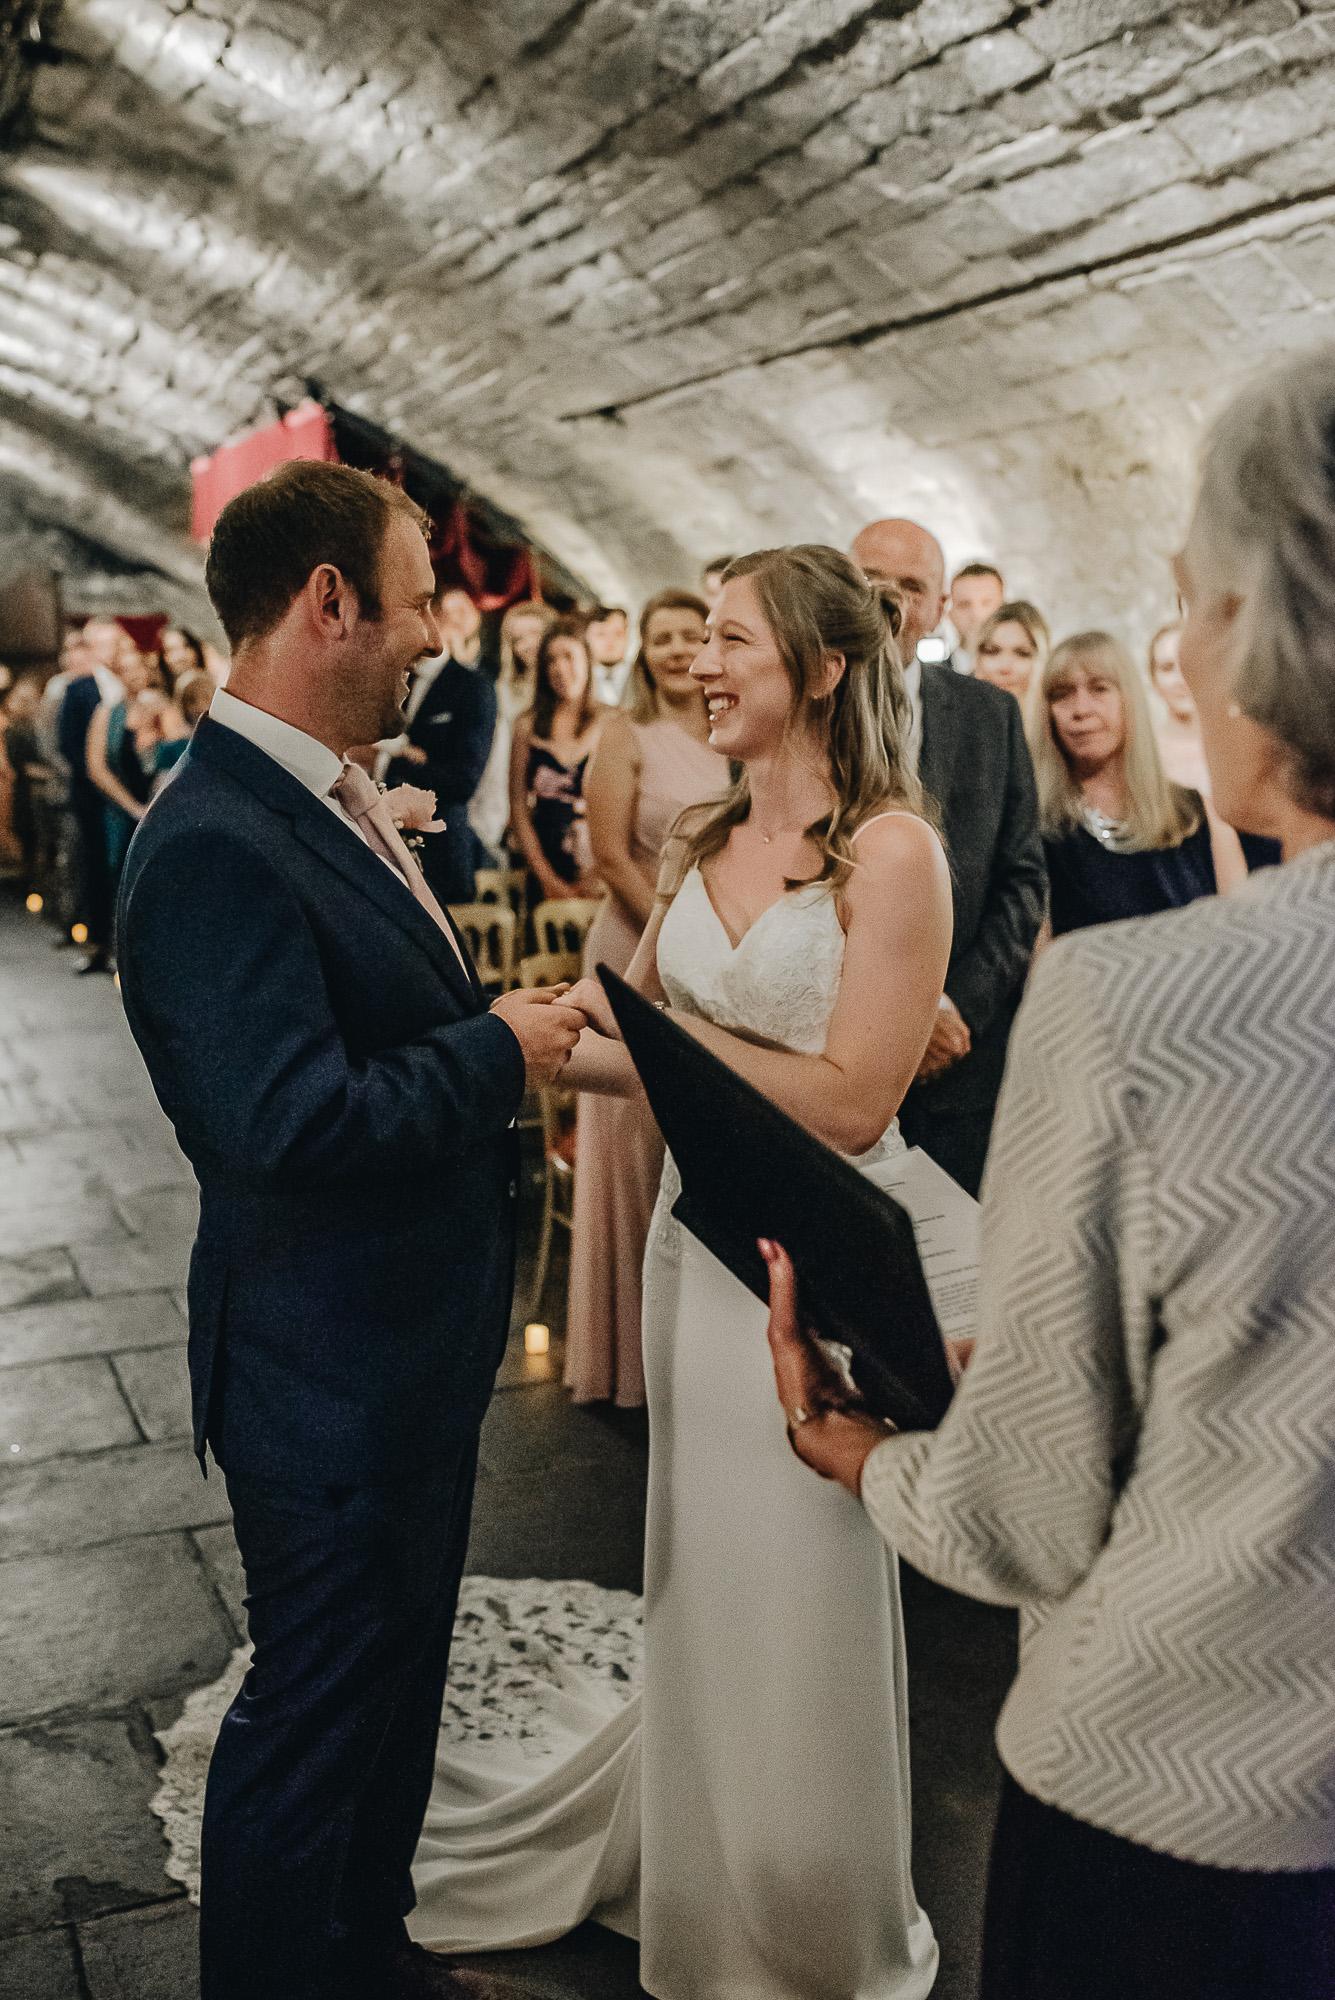 OurBeautifulAdventure-CardiffCastleWedding-Maddie&Joe-WeddingBlog-1517.jpg